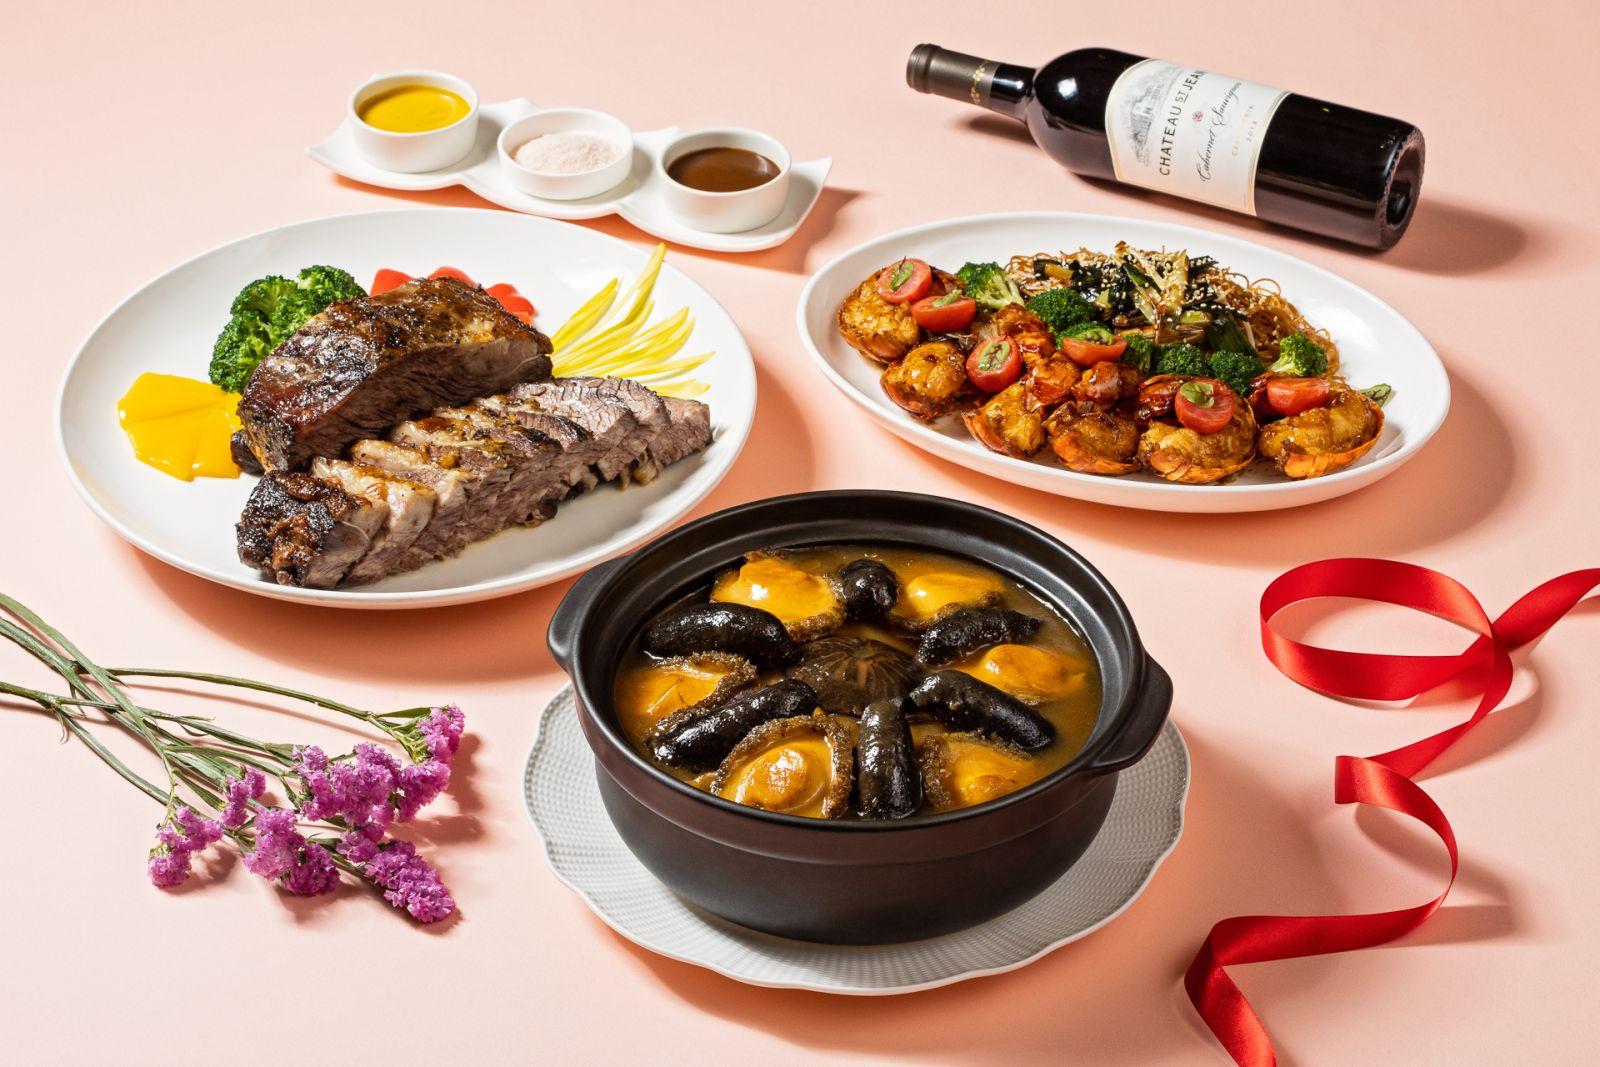 【國賓犒賞媽咪2】融合國賓粵菜、川菜廳經典的「犒賞媽咪外帶團圓餐」,媽咪您辛勞了